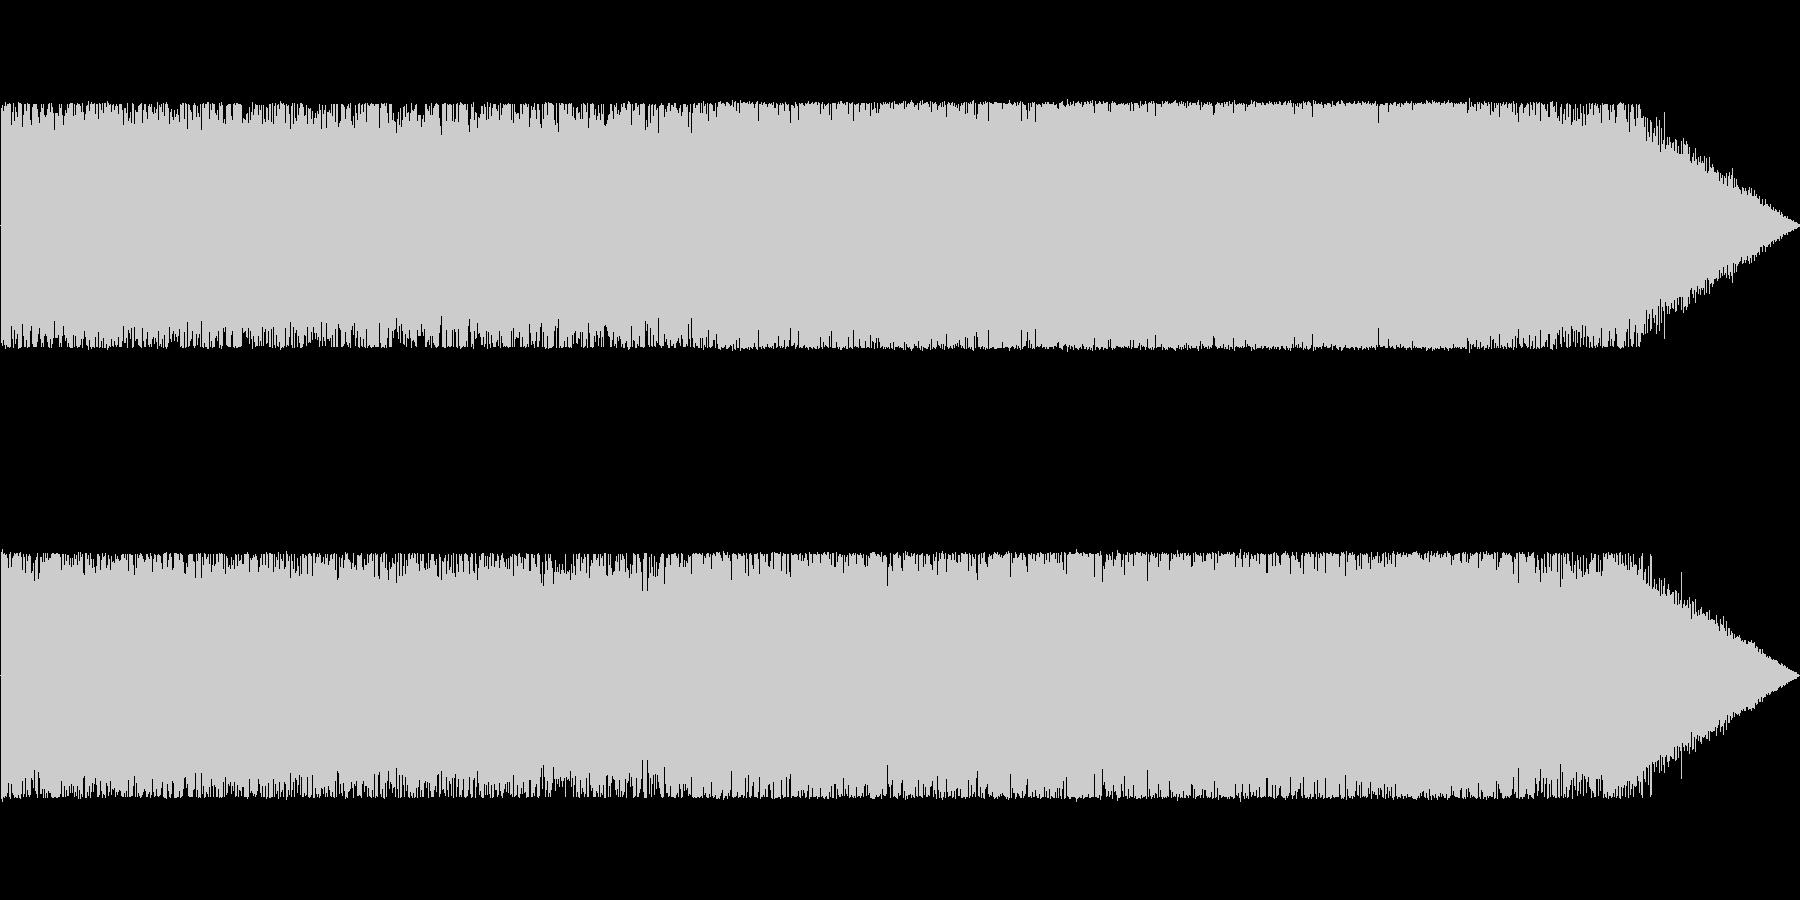 戦闘系のダークなアンビエント曲の未再生の波形